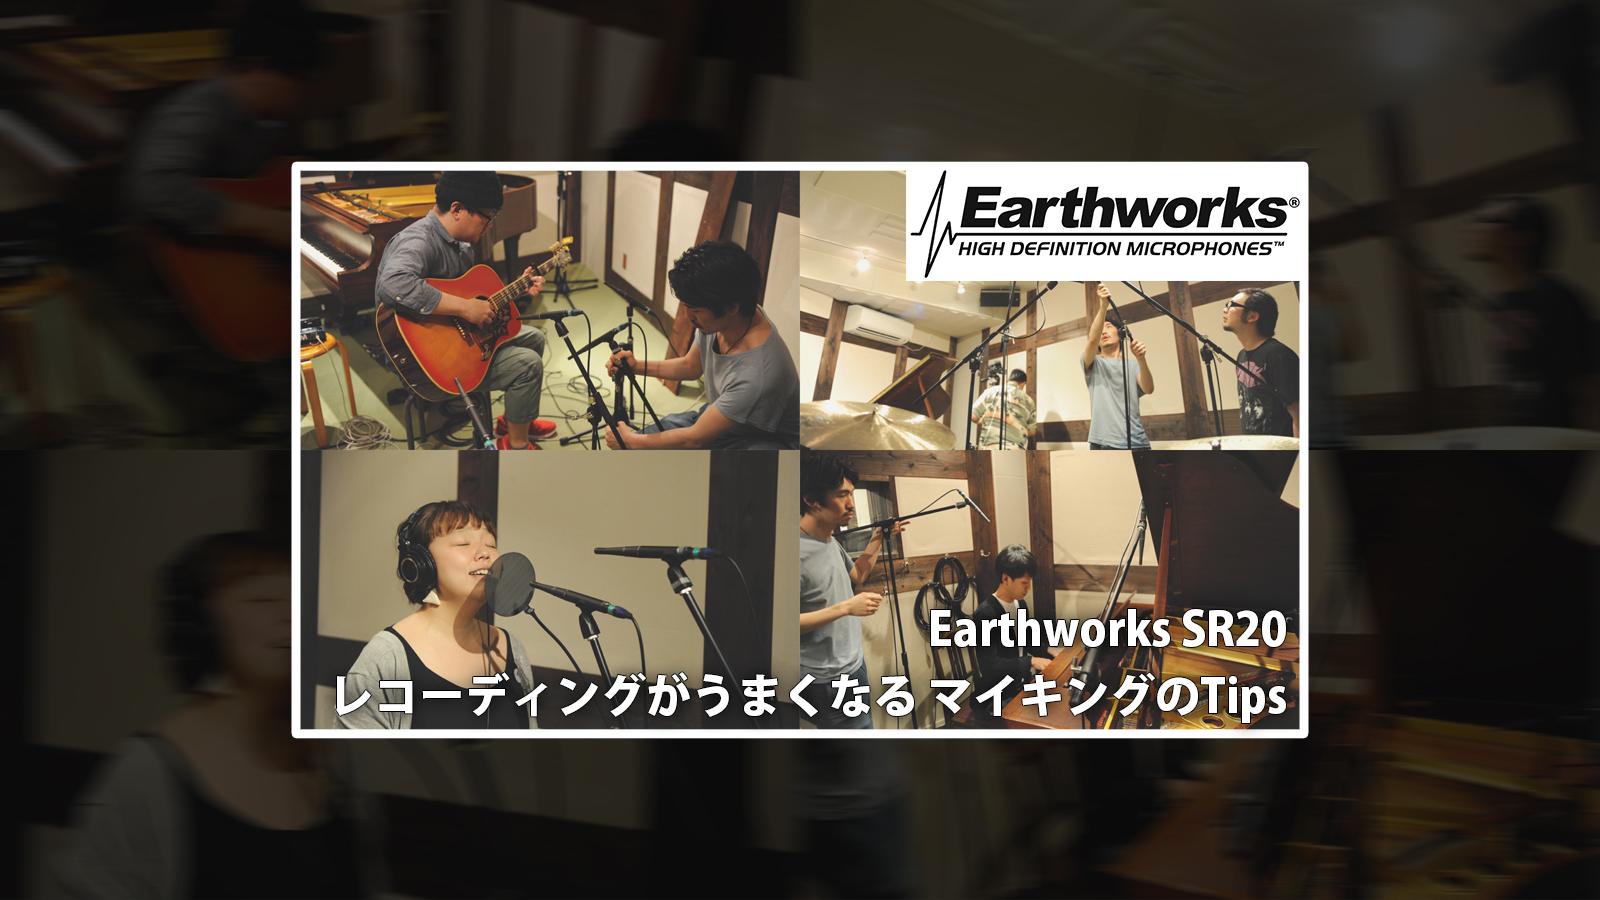 20200428_earthworks_sr20_mic_bnr